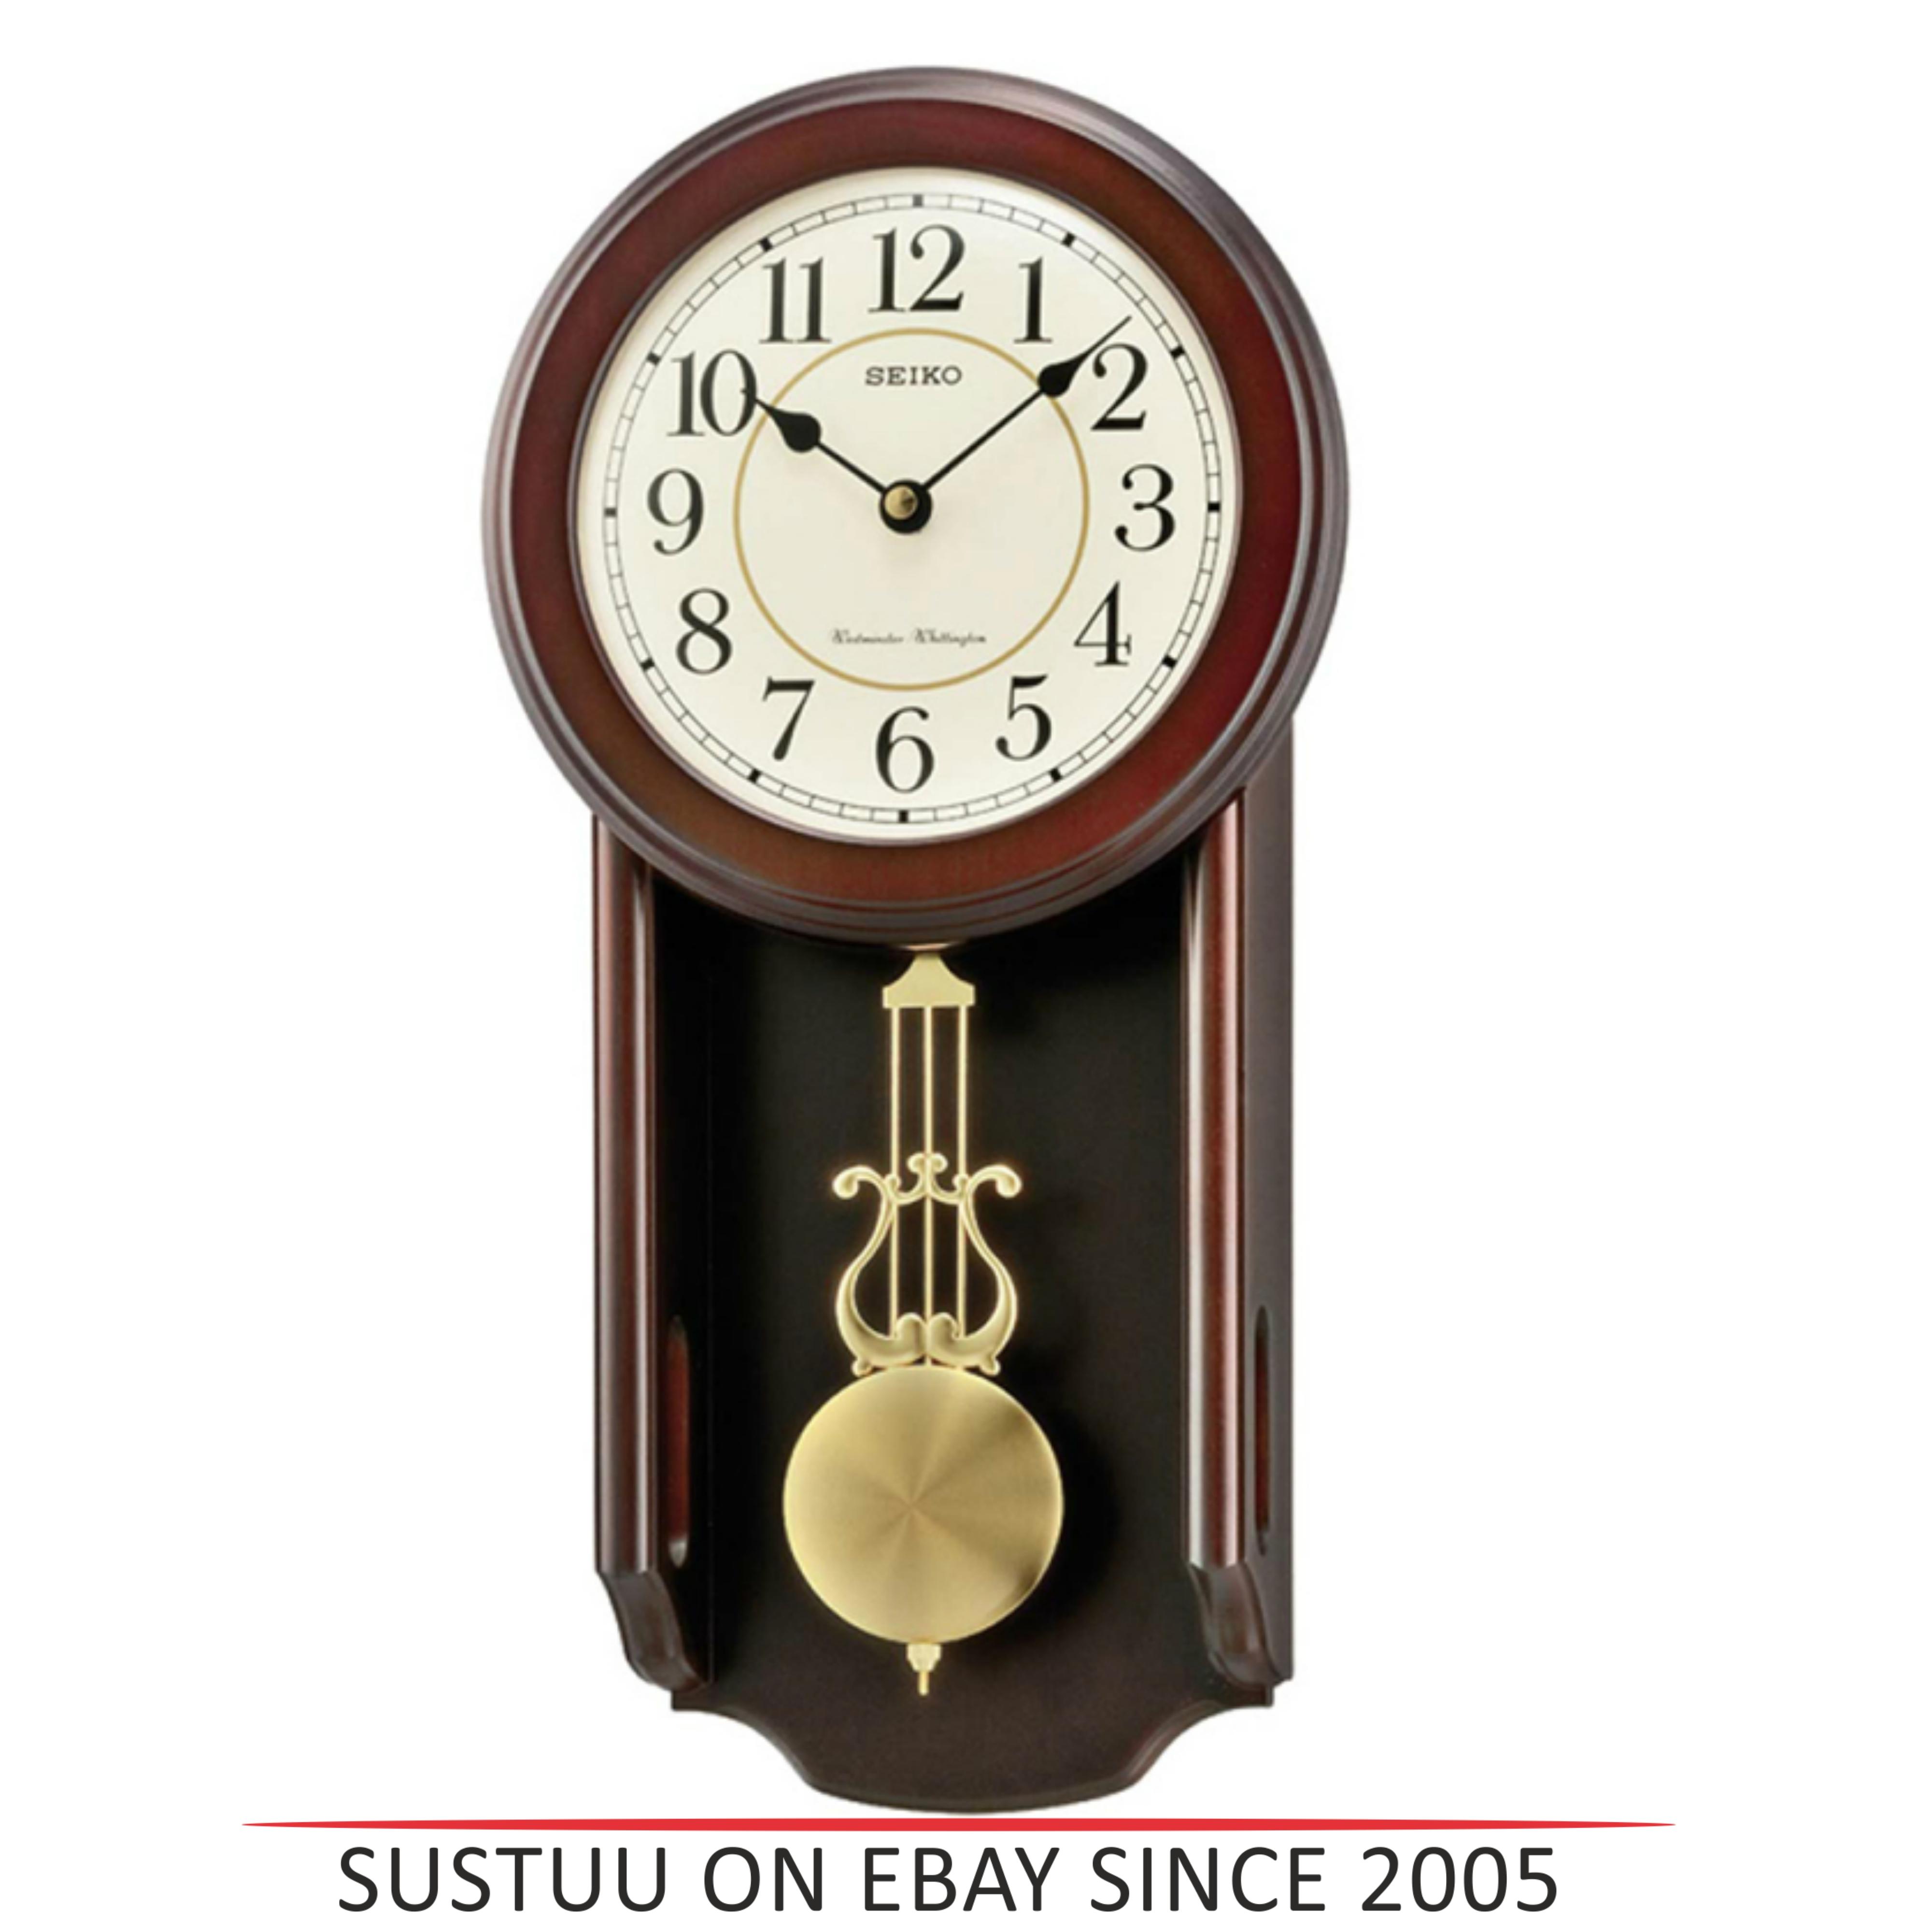 Woodenseiko qxh063b analogue pendulum wall clock westminster seiko qxh063b analogue pendulum wall clock westminster whittington chimes wooden amipublicfo Image collections